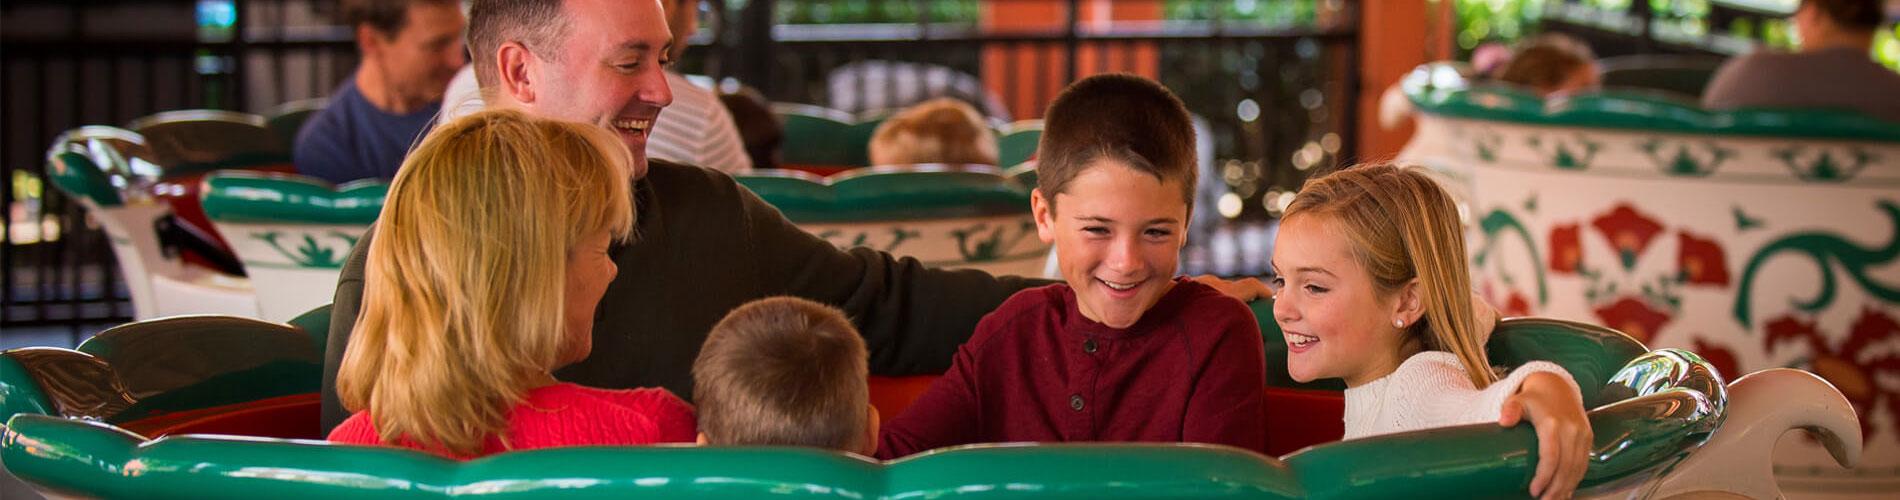 People riding Der Wirbelwind swing ride at Busch Gardens Williamsburg